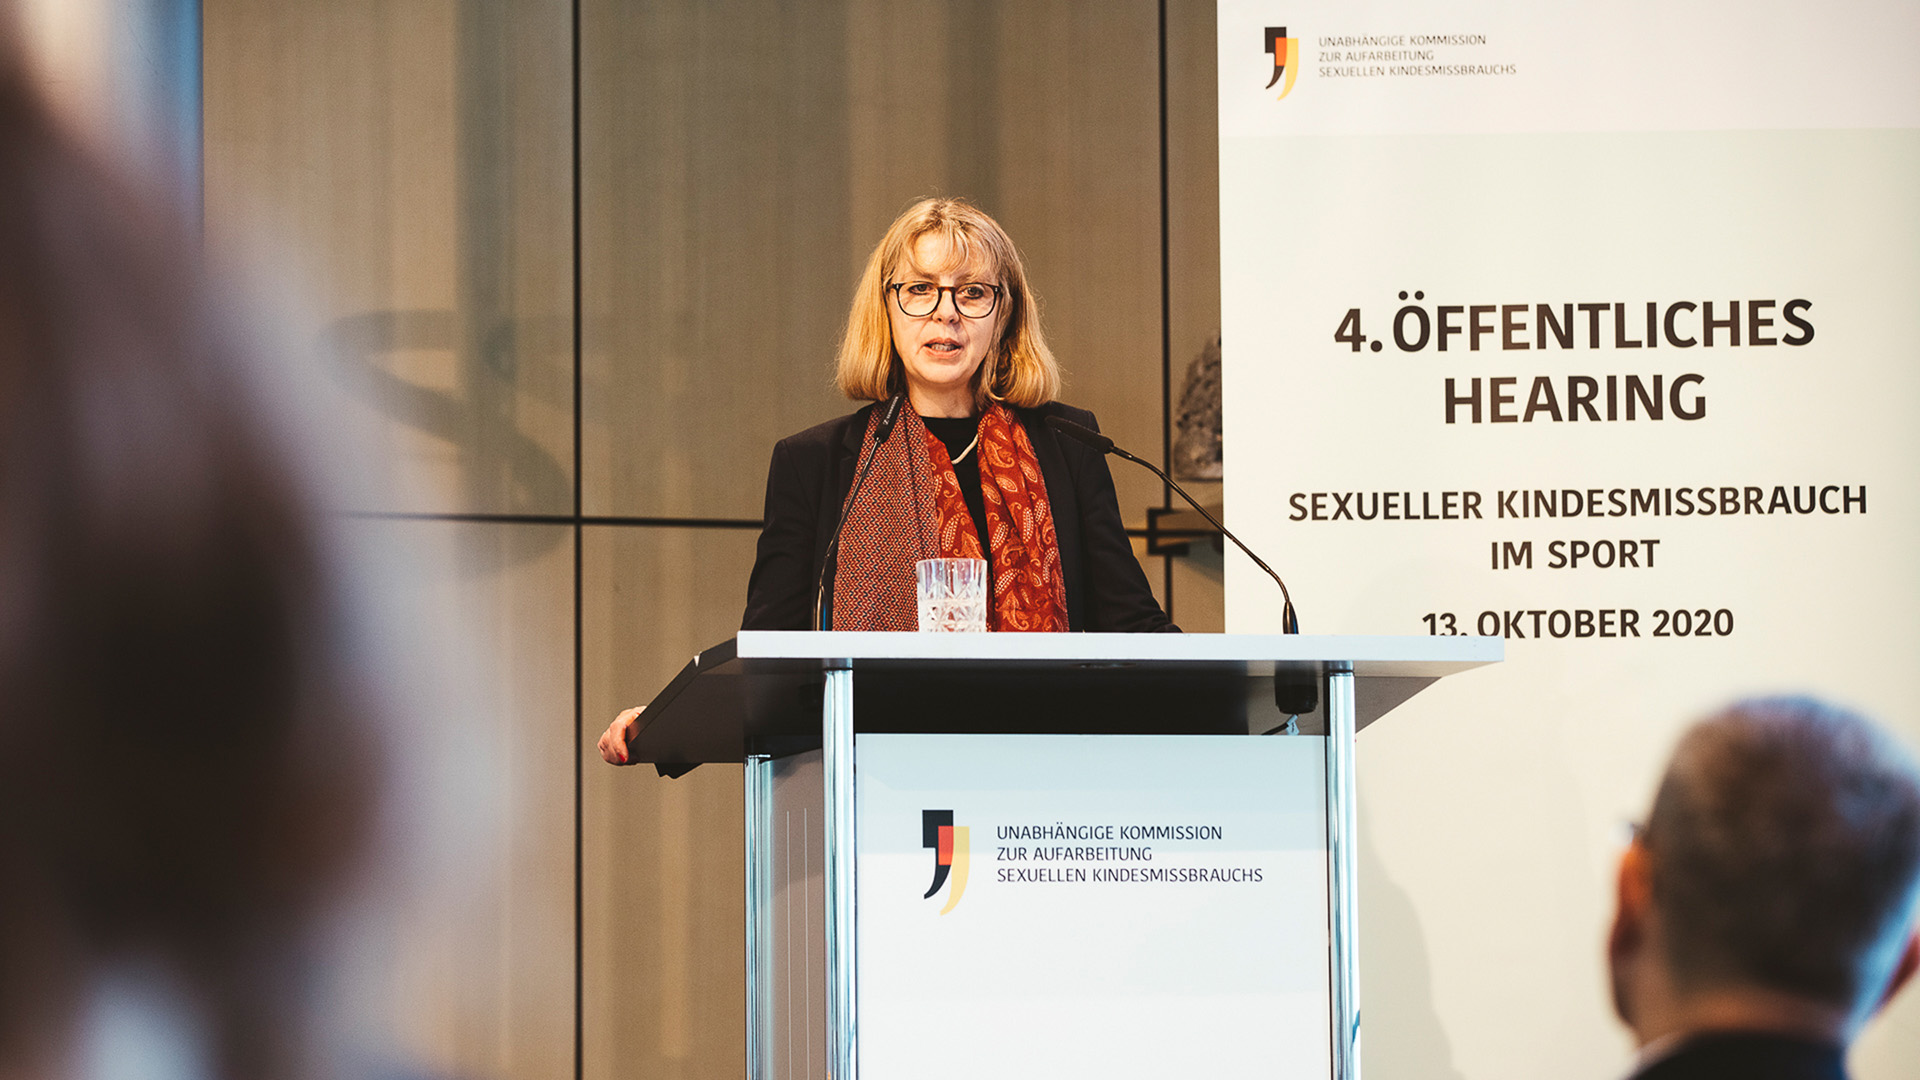 Eine Frau steht an einem Redepult und spricht. Die Frau ist Sabine Andresen.